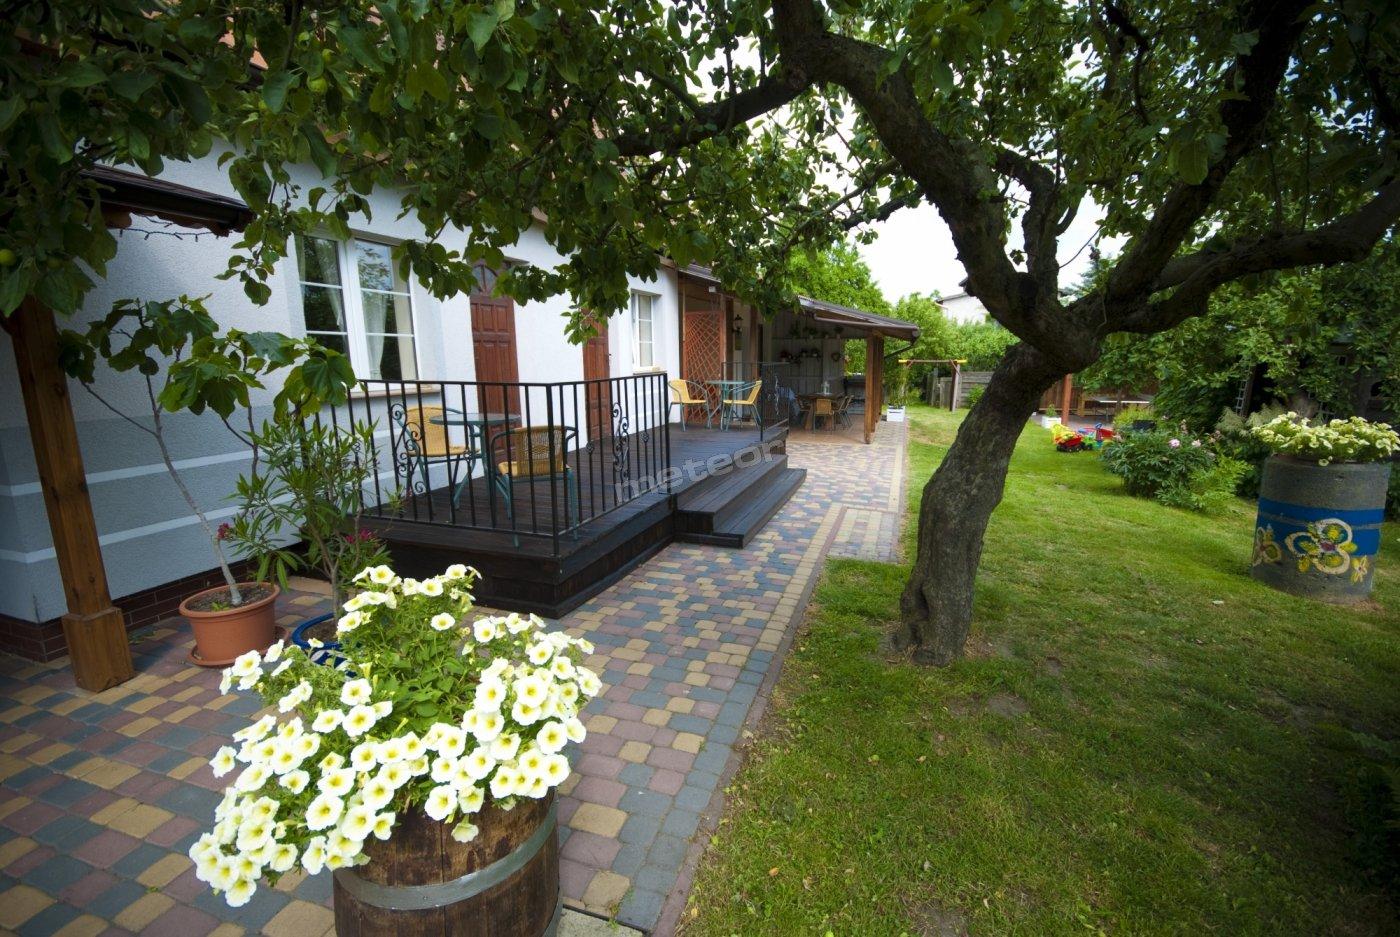 Pokoje z wyjściem na taras z widokiem na ogród od strony południowej w pokojach numer 2 i 3